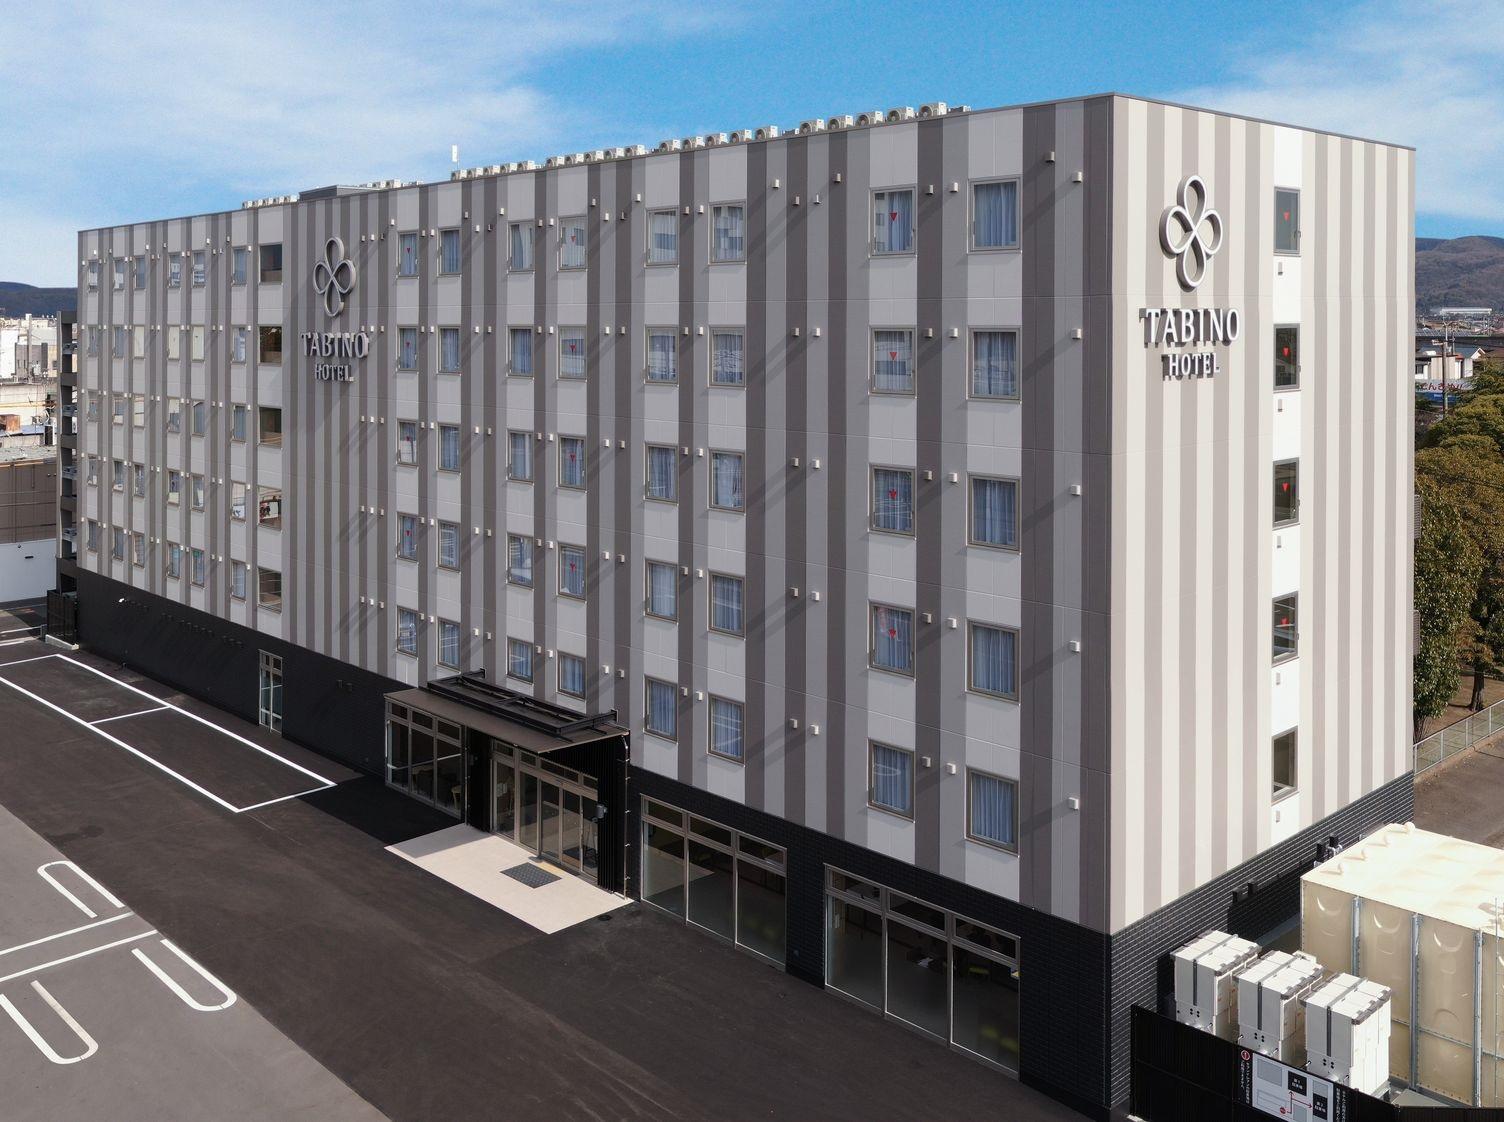 たびのホテル倉敷水島の施設画像